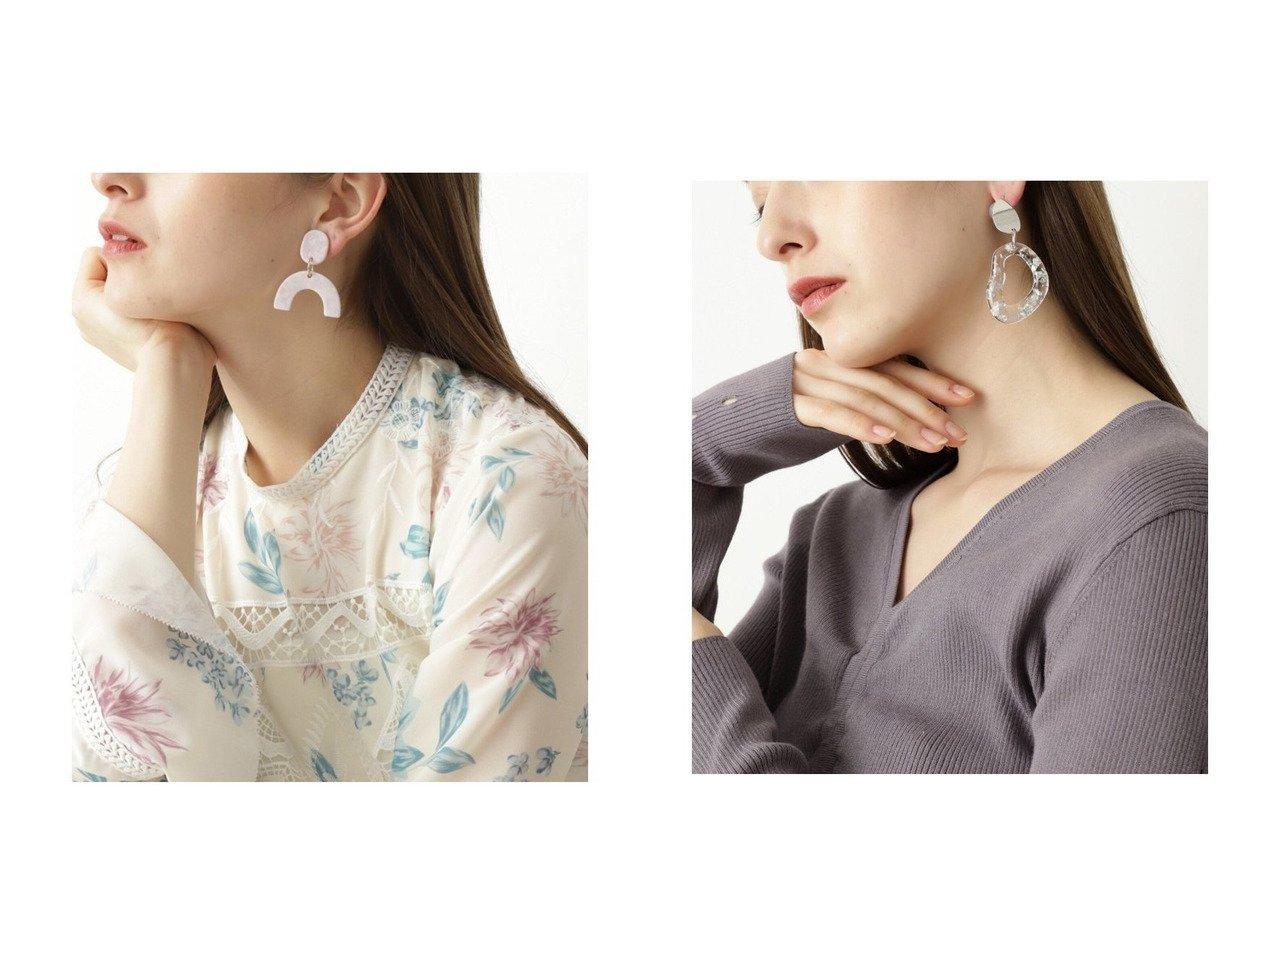 【JILLSTUART/ジルスチュアート】のマーブリンイヤリング&クリアイヤリング JILLSTUARTのおすすめ!人気、トレンド・レディースファッションの通販  おすすめで人気の流行・トレンド、ファッションの通販商品 メンズファッション・キッズファッション・インテリア・家具・レディースファッション・服の通販 founy(ファニー) https://founy.com/ ファッション Fashion レディースファッション WOMEN ジュエリー Jewelry リング Rings イヤリング Earrings NEW・新作・新着・新入荷 New Arrivals アクセサリー イヤリング マーブル 再入荷 Restock/Back in Stock/Re Arrival トレンド フープ モチーフ 春 Spring |ID:crp329100000017813